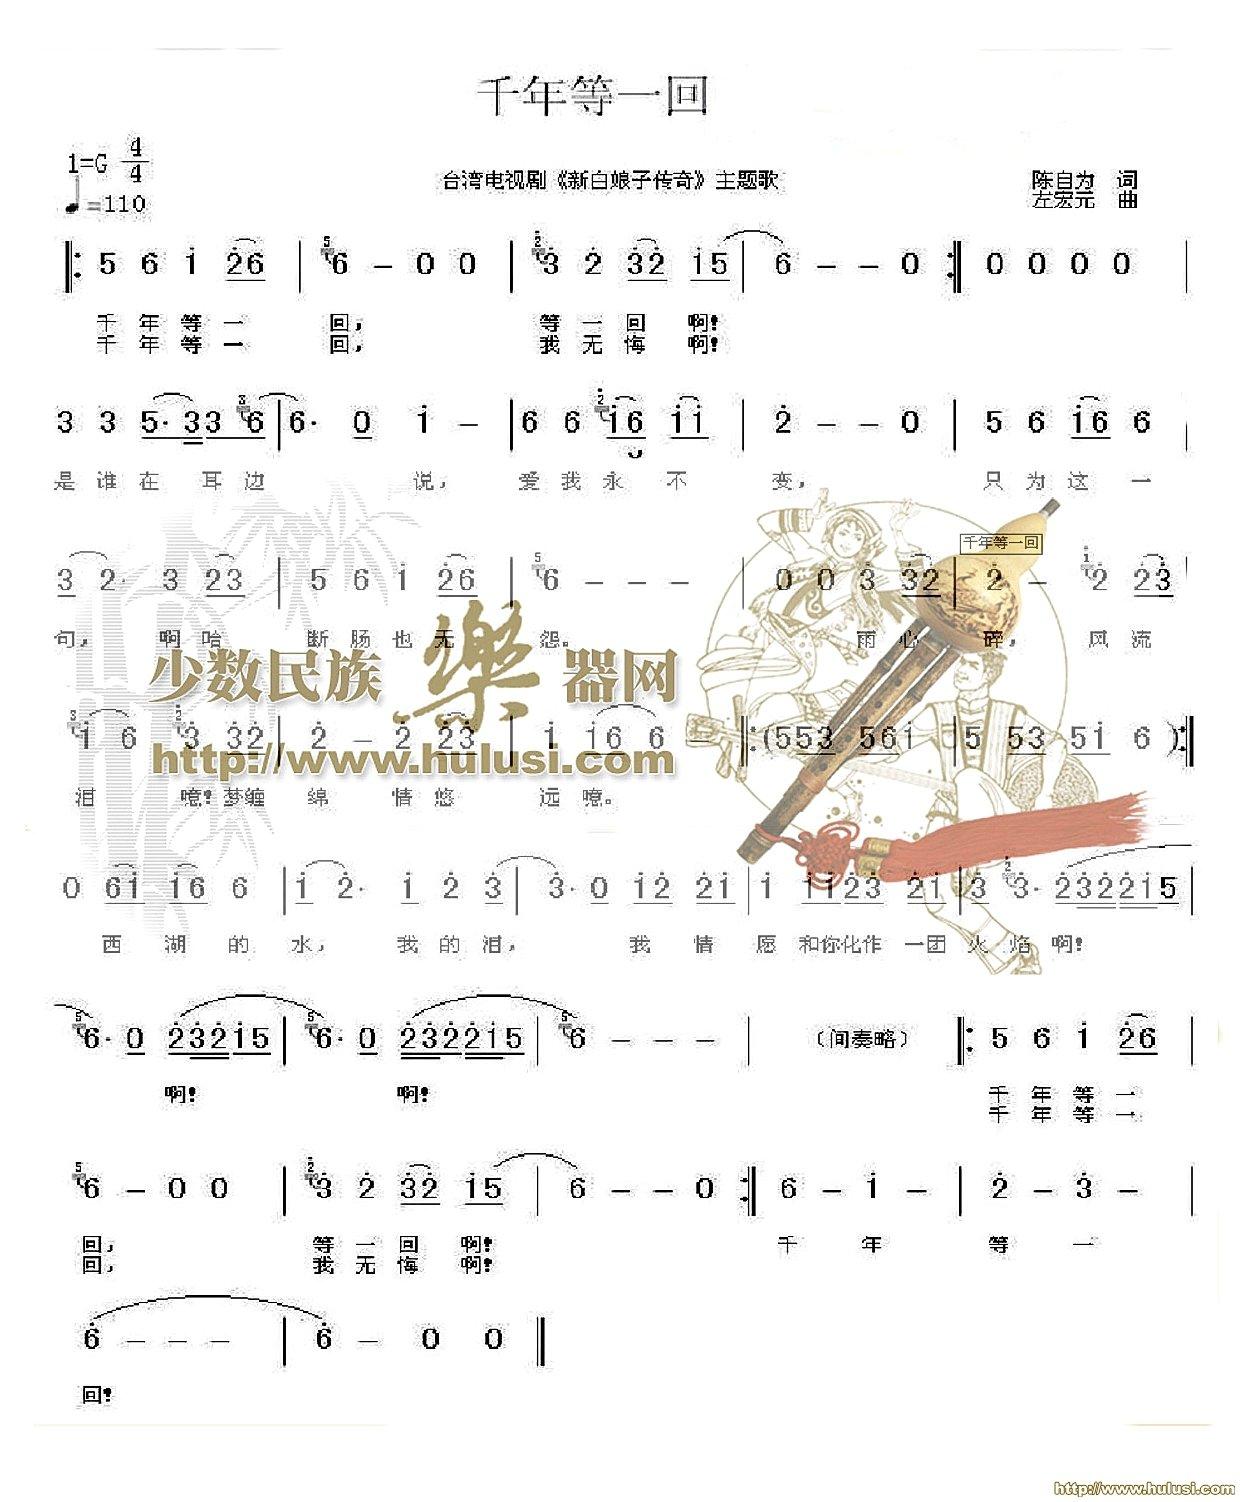 葫芦丝曲谱 《七月火把节》葫芦丝曲谱 《亲亲孔雀》葫芦丝曲谱 示范